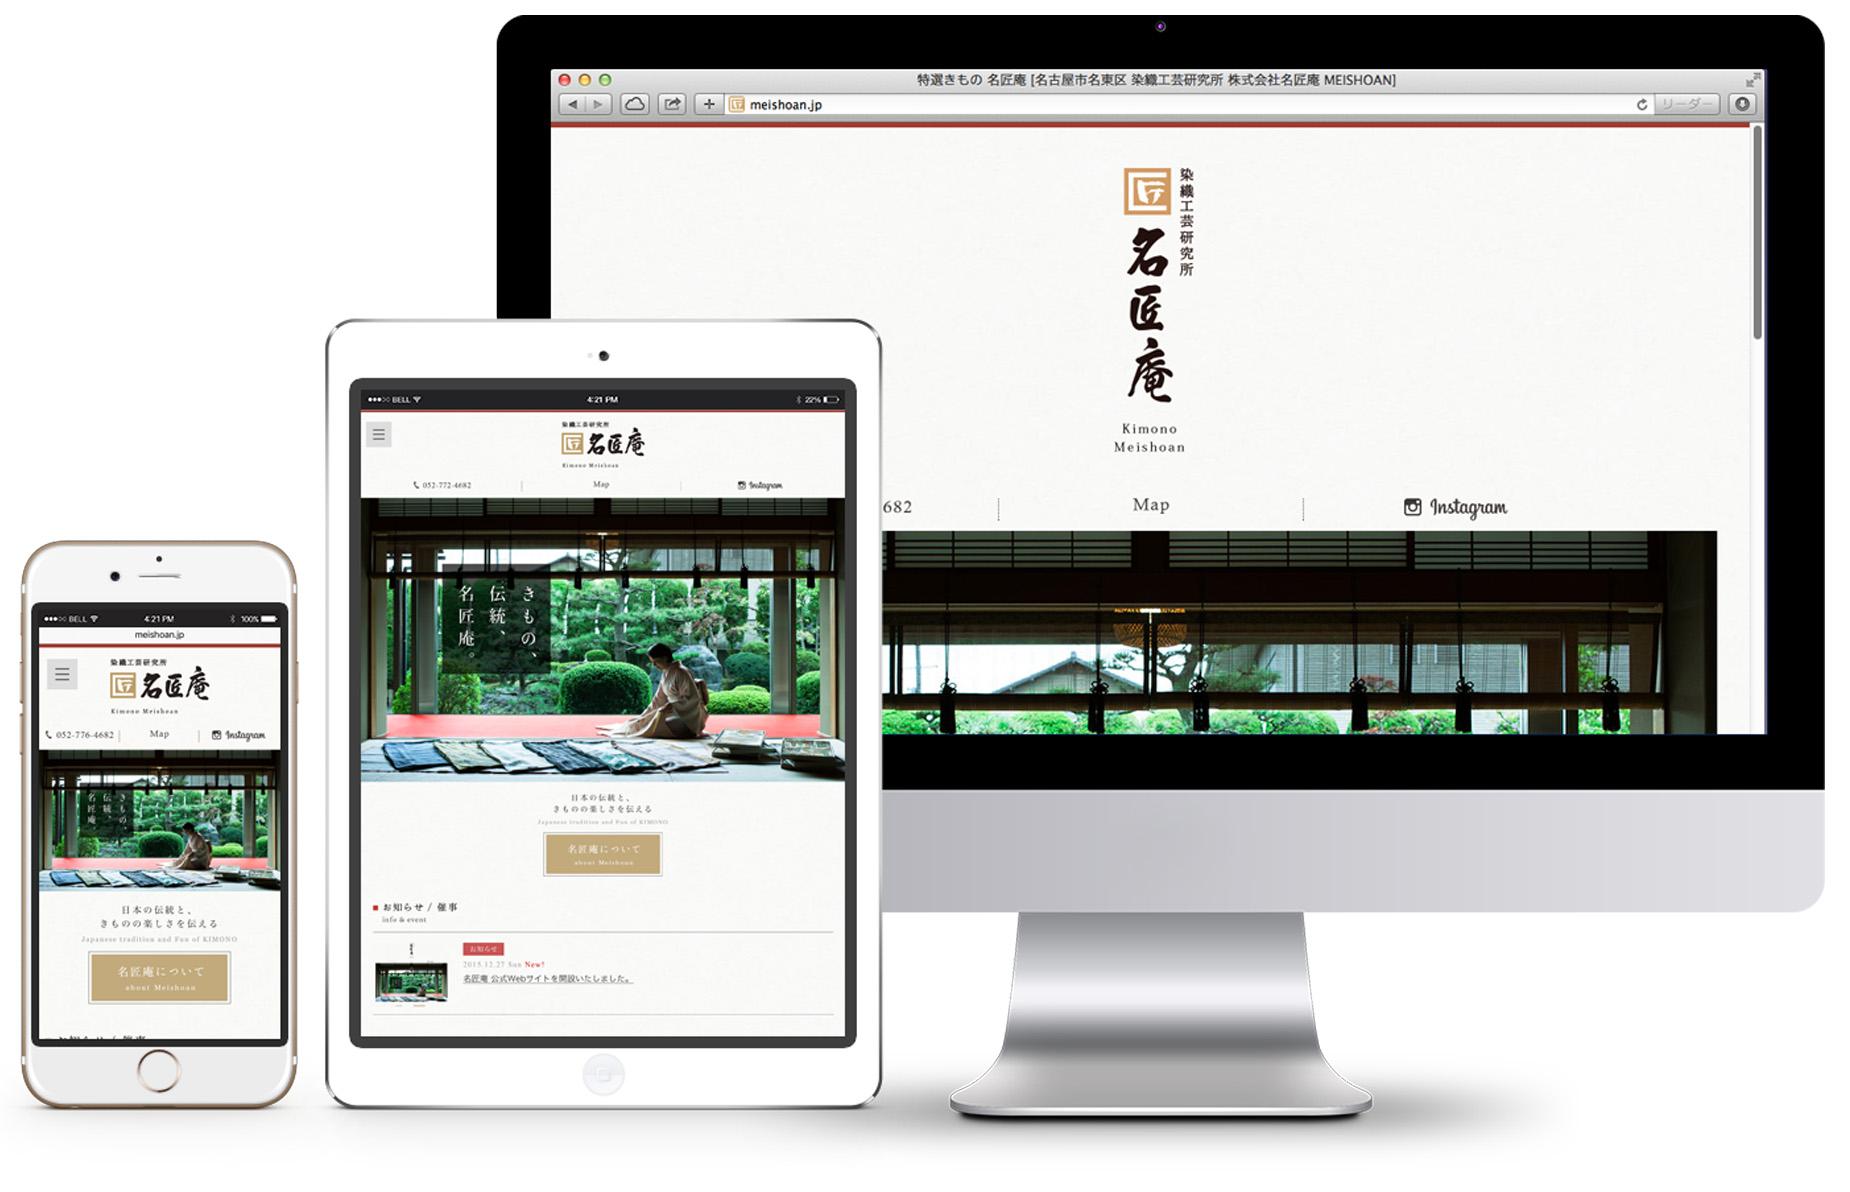 20160204_名匠庵様Webサイト